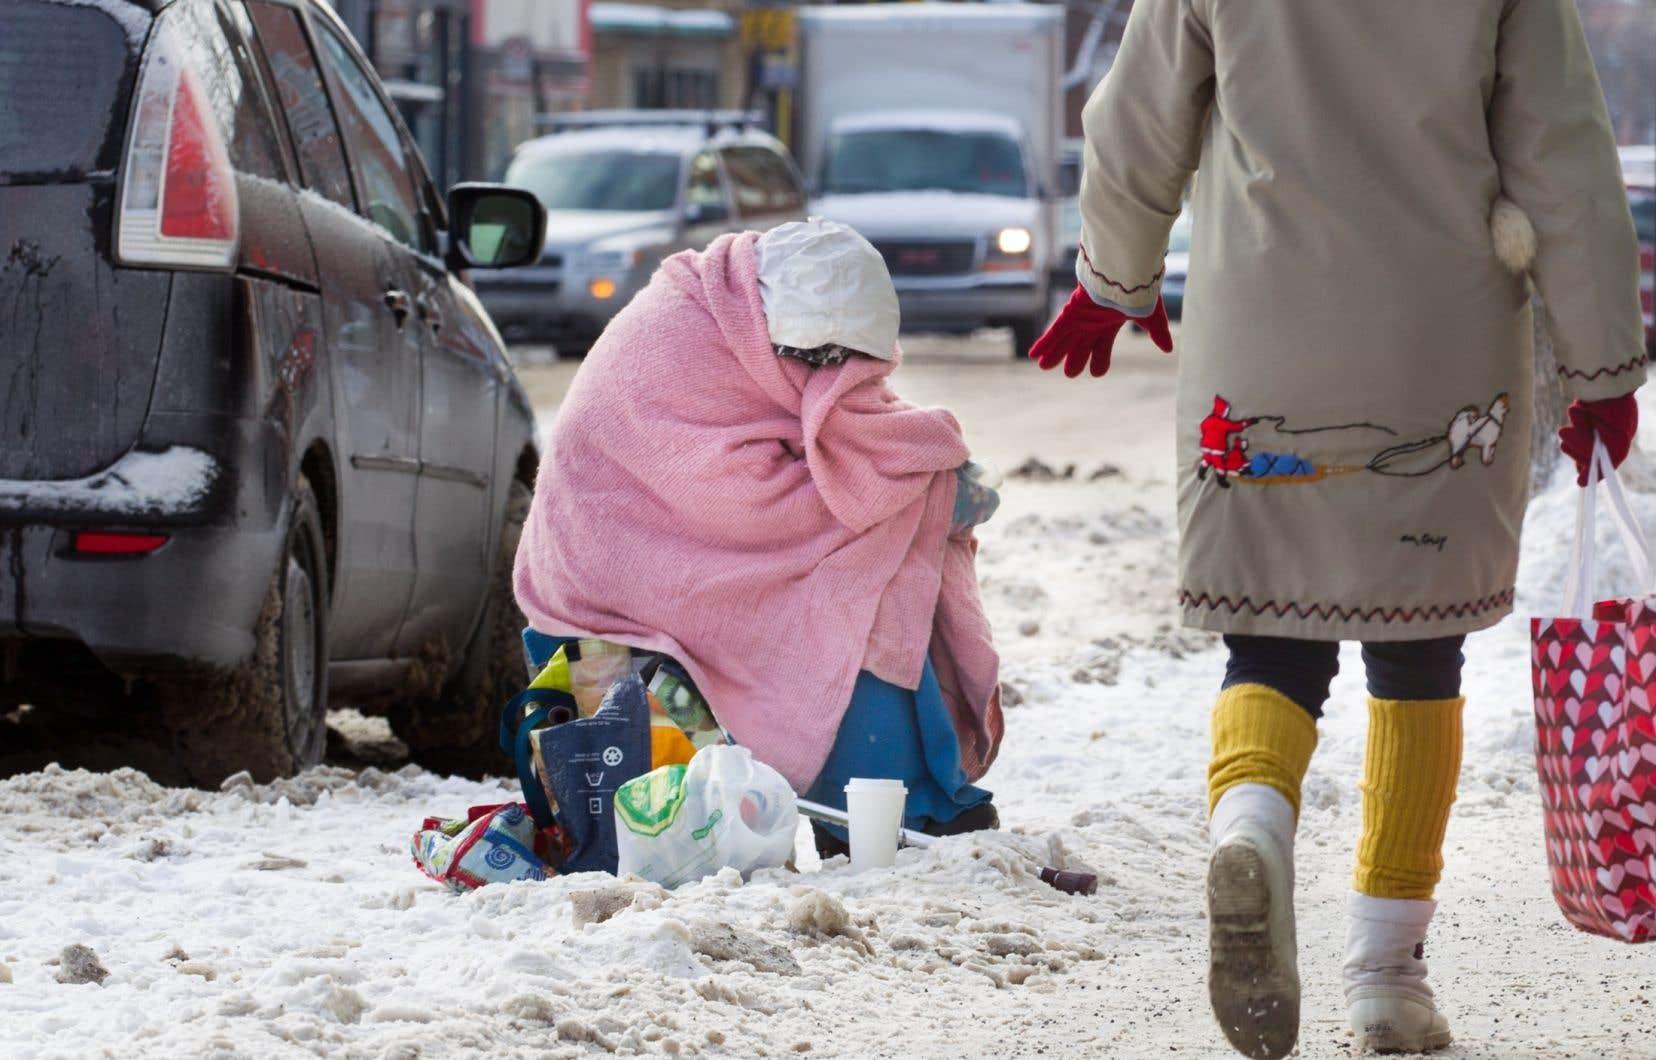 En 2018, un total de 8493 constats d'infraction ont été délivrés, à Montréal, à des personnes ayant pour adresse un organisme d'aide à l'itinérance, soit huit fois plus qu'en 1994, révèle une nouvelle étude menée par des chercheurs de l'Observatoire des profilages.